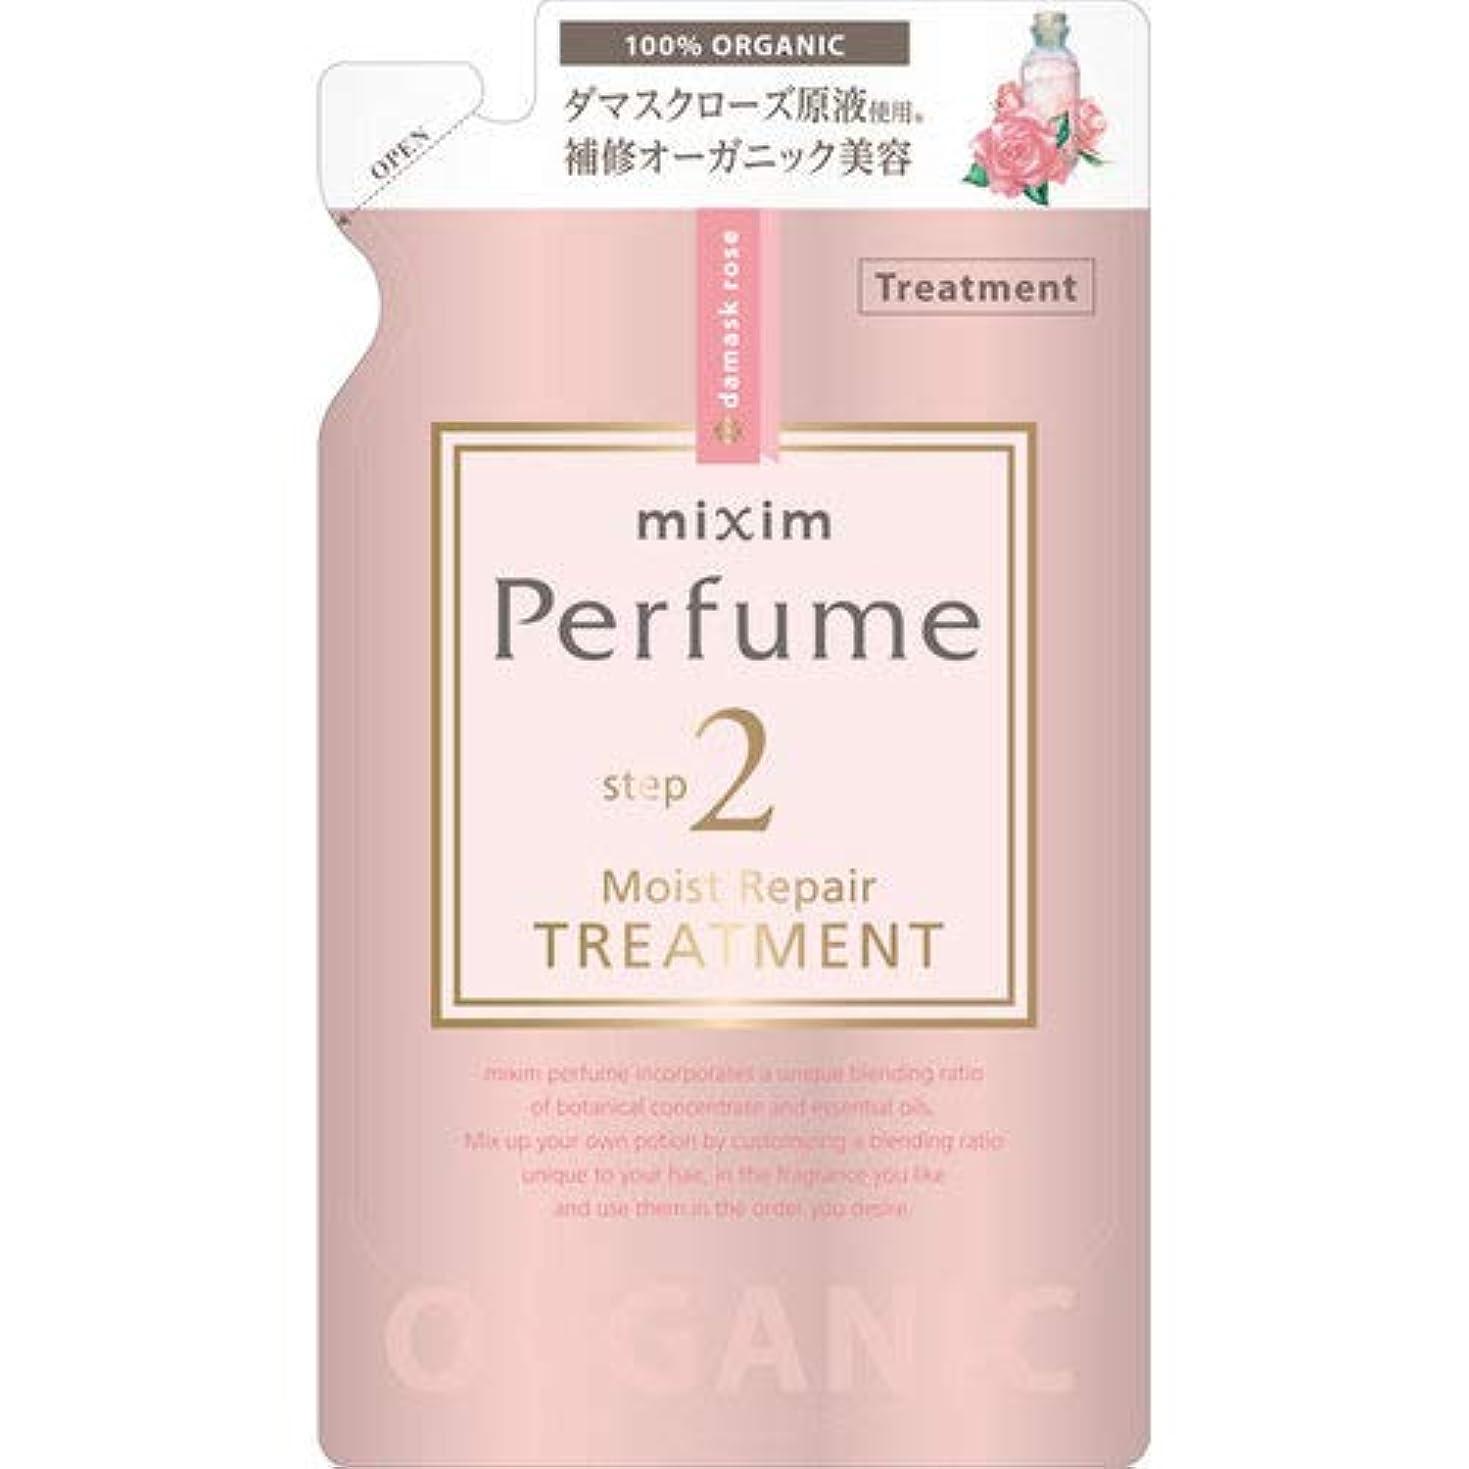 軽蔑するマイクロフォン嫌がらせmixim Perfume(ミクシムパフューム) モイストリペア ヘアトリートメントつめかえ用 350g